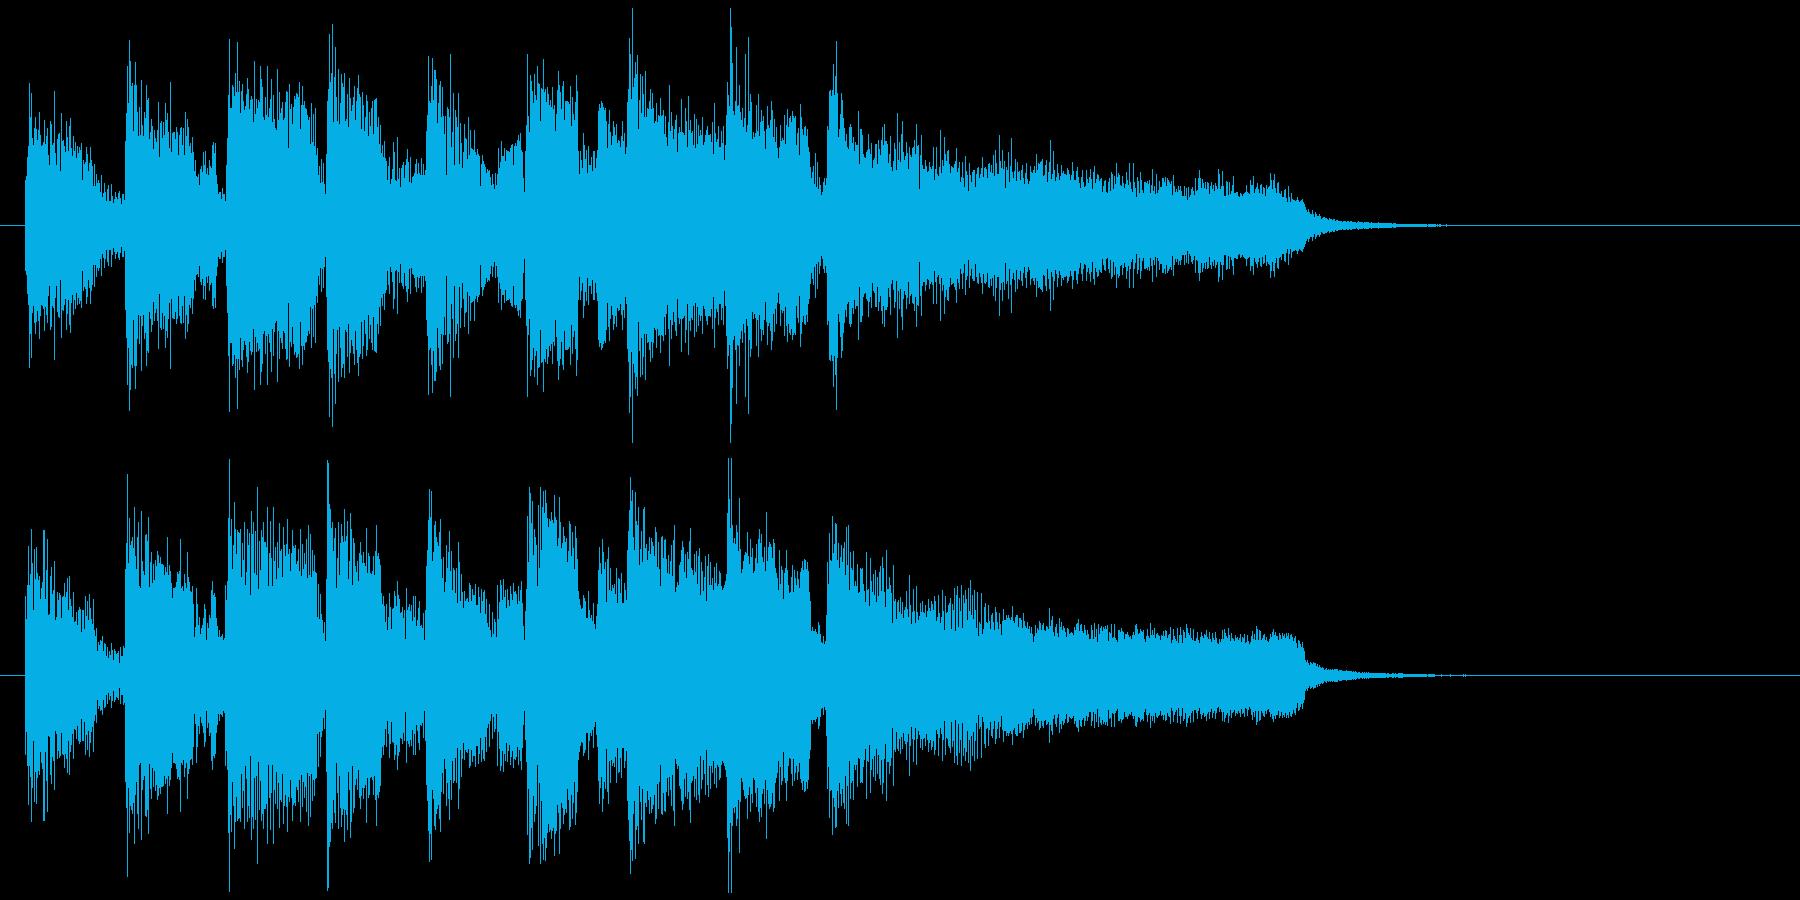 ブルージーなリコーダーの楽しいジングルの再生済みの波形